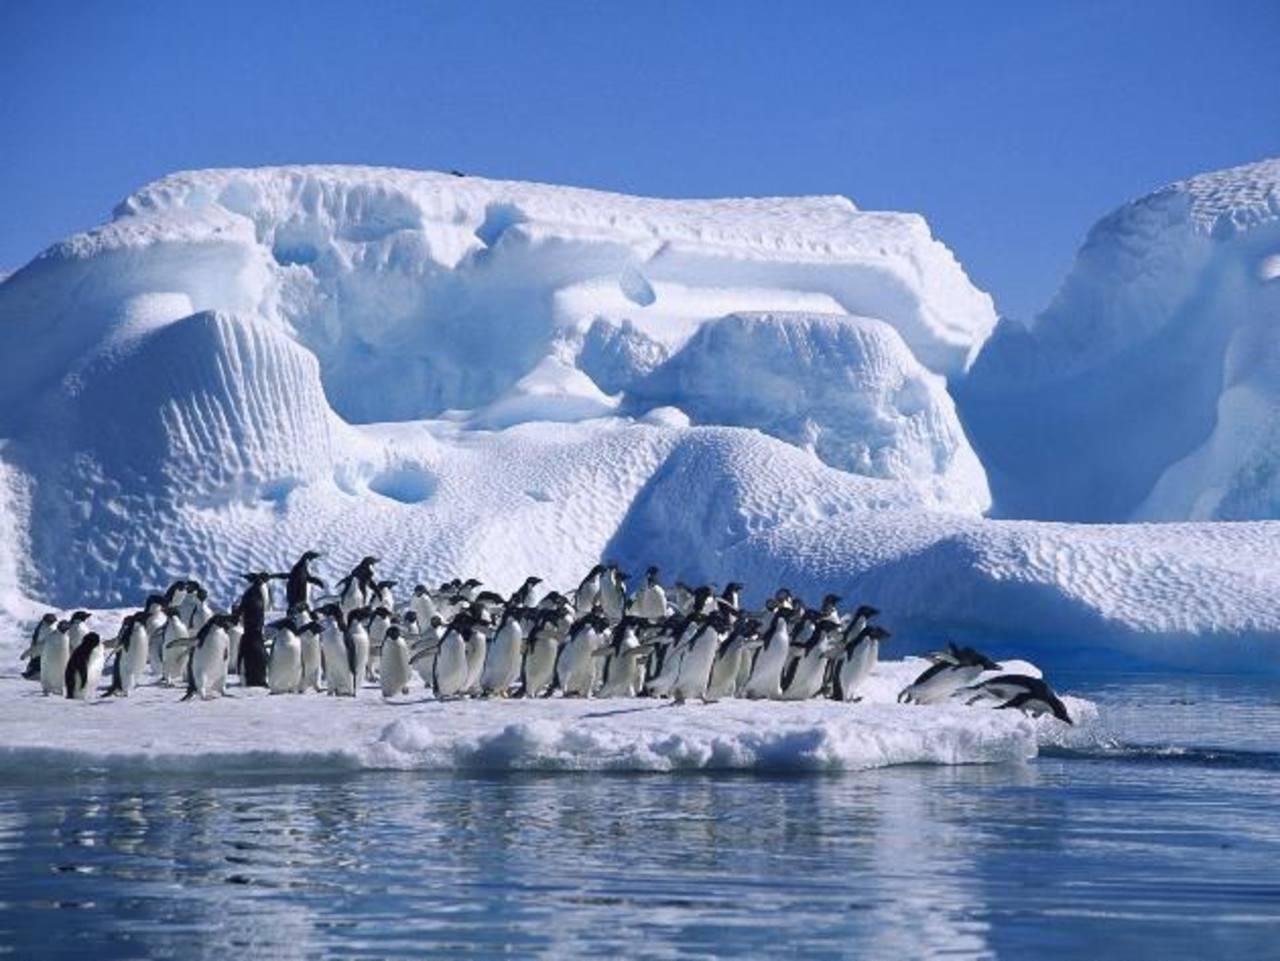 El estudio sobre el Polo Norte fue desarrollado por investigadores de la Universidad Autónoma de Barcelona, España.